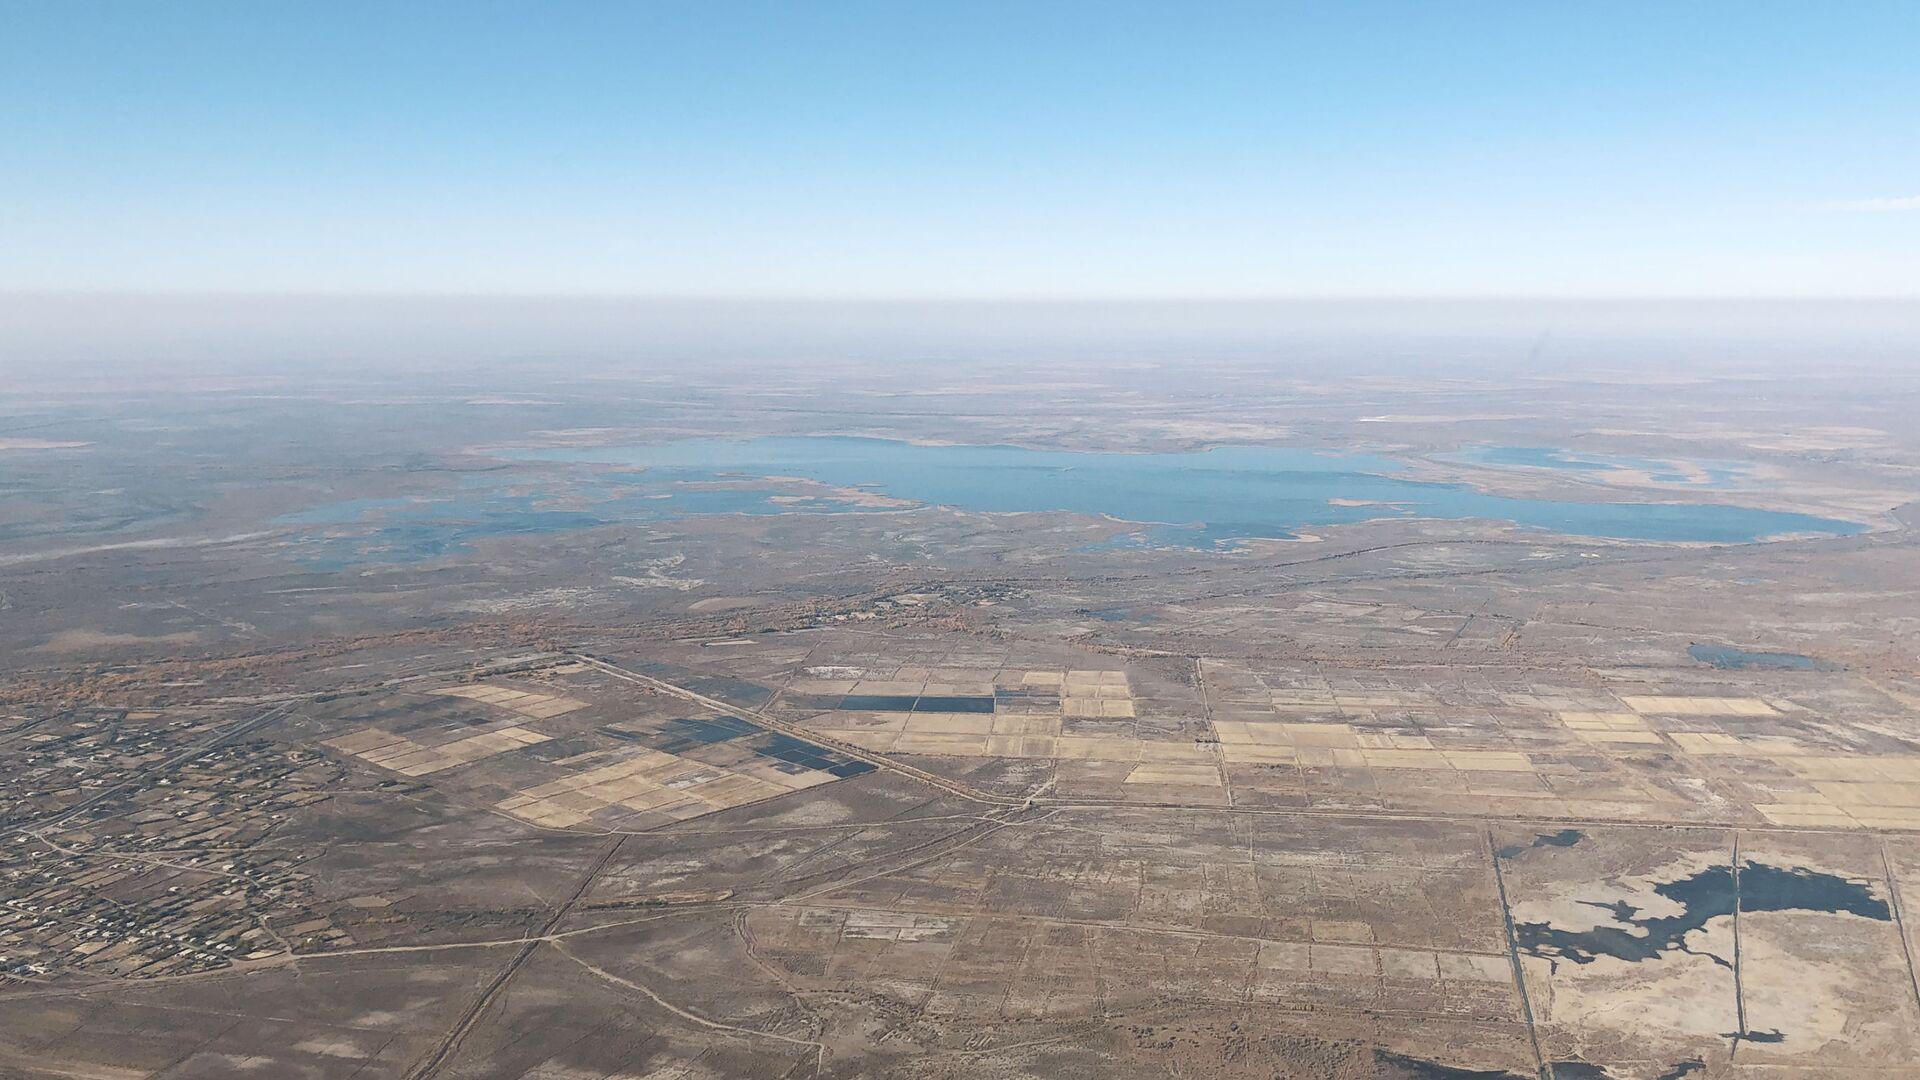 Вид на Аральское море с высоты - Sputnik Узбекистан, 1920, 23.06.2021